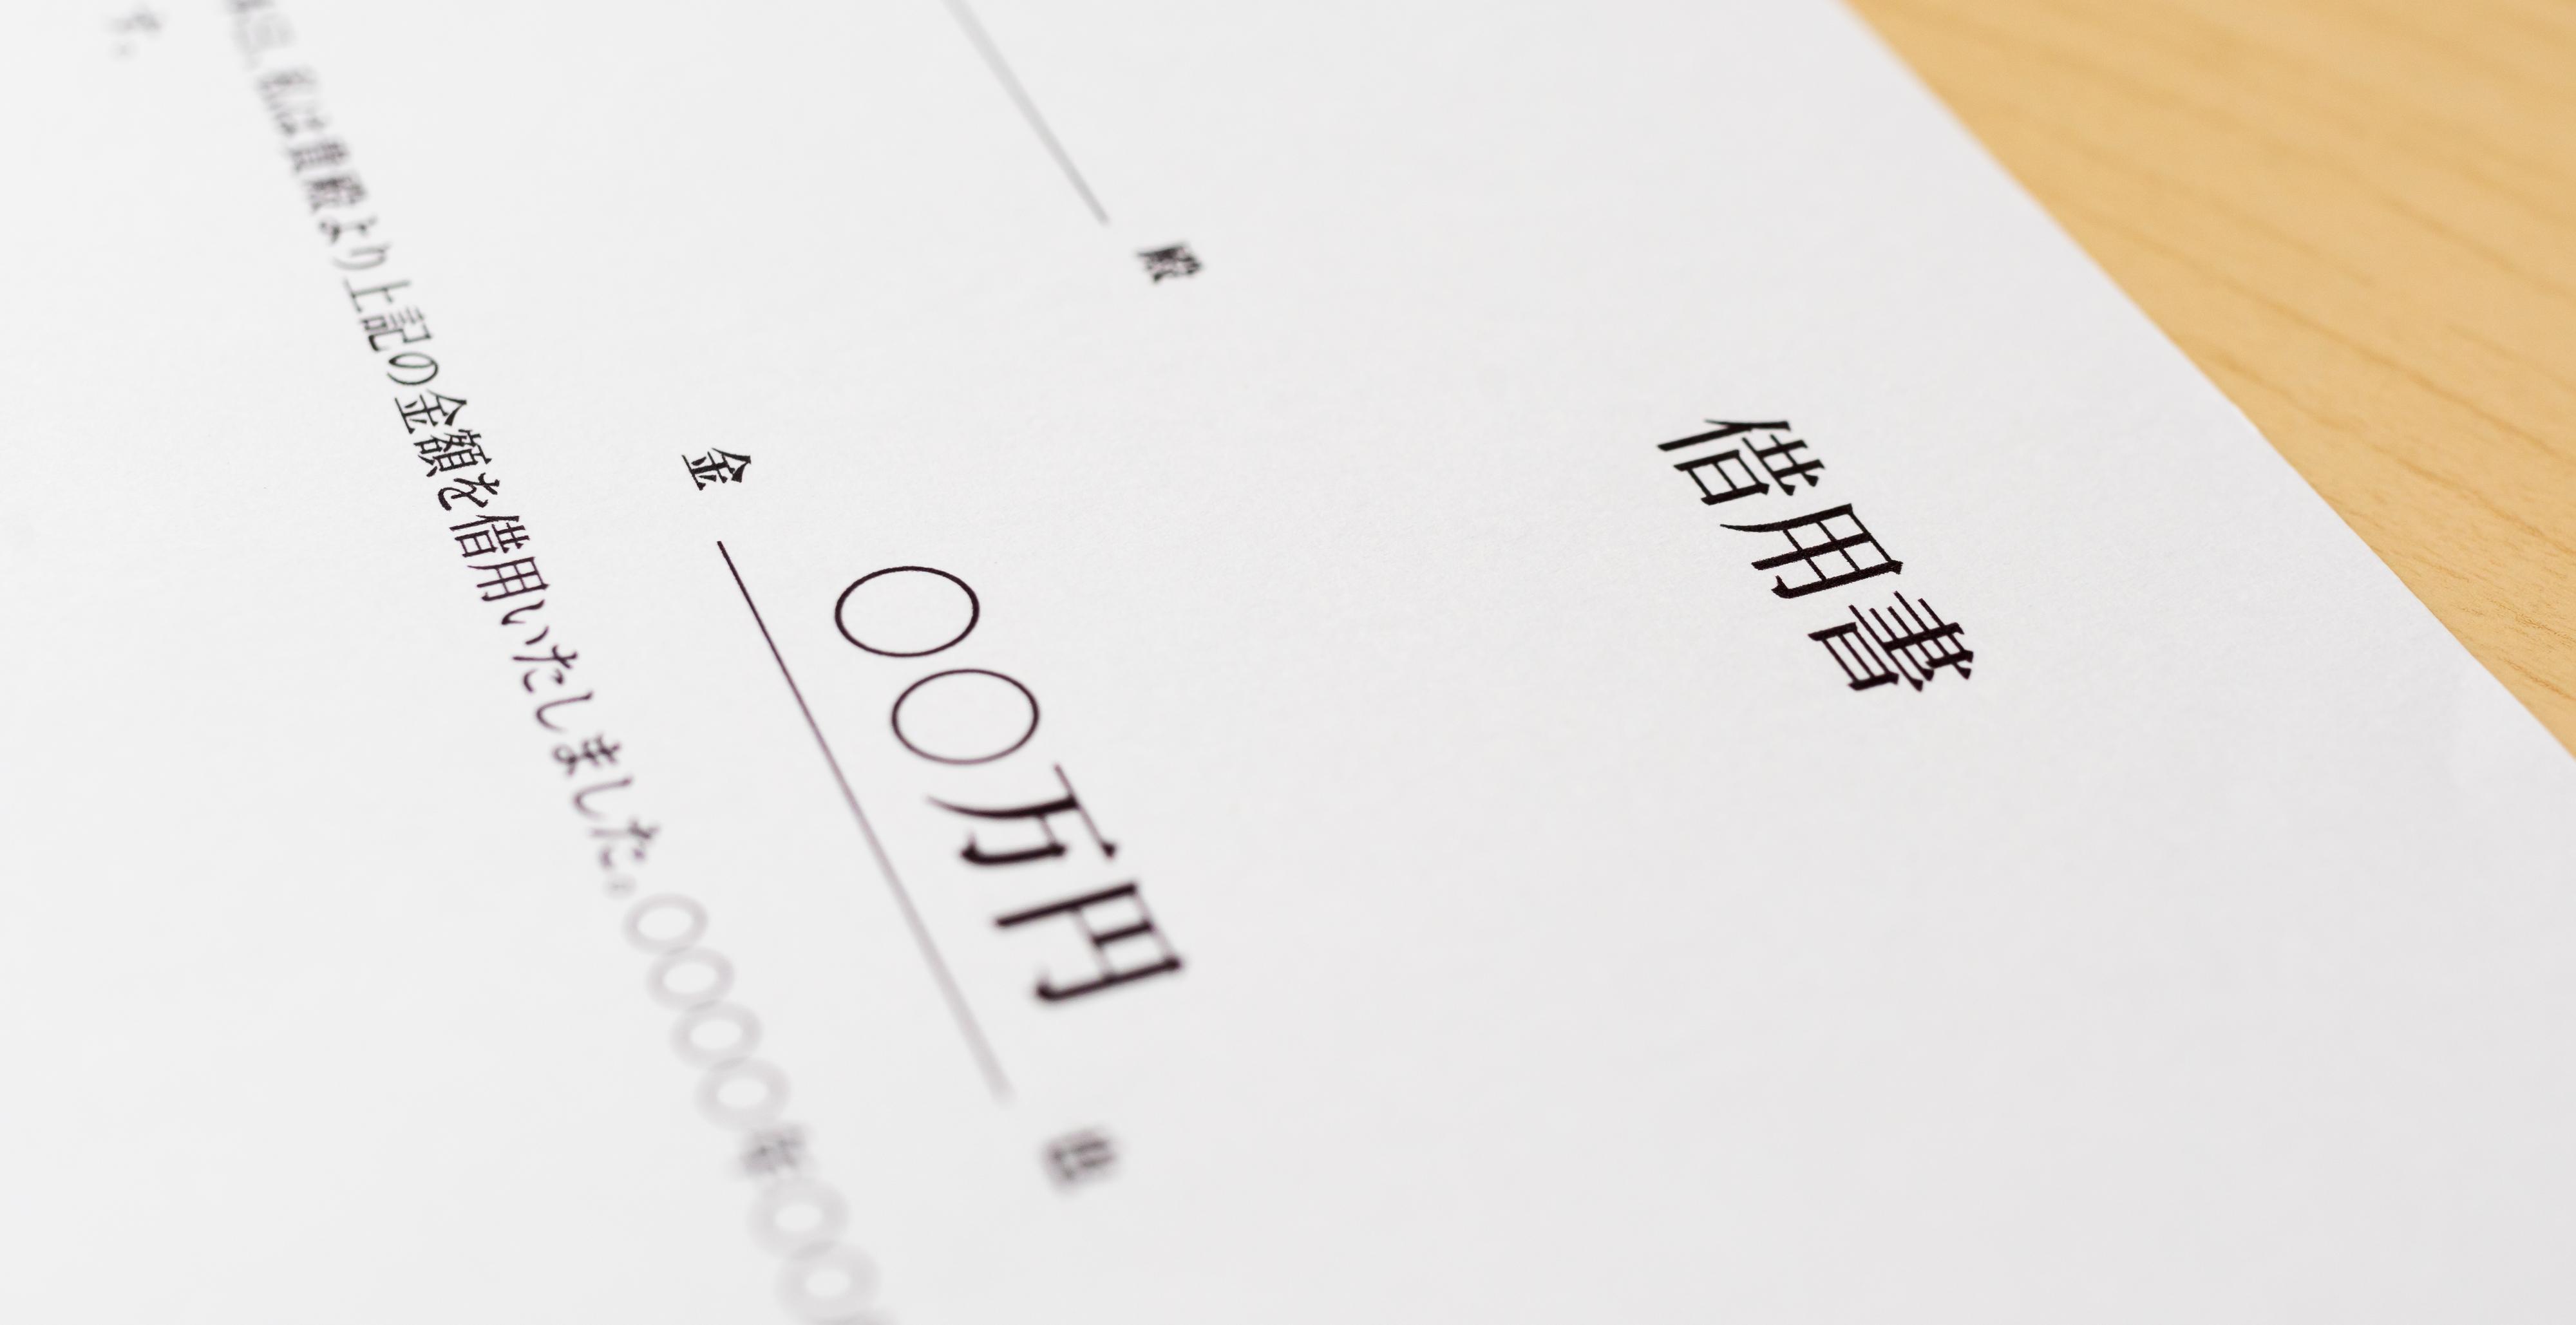 借用書を巡る事件、借用書が無効になるケースを紹介